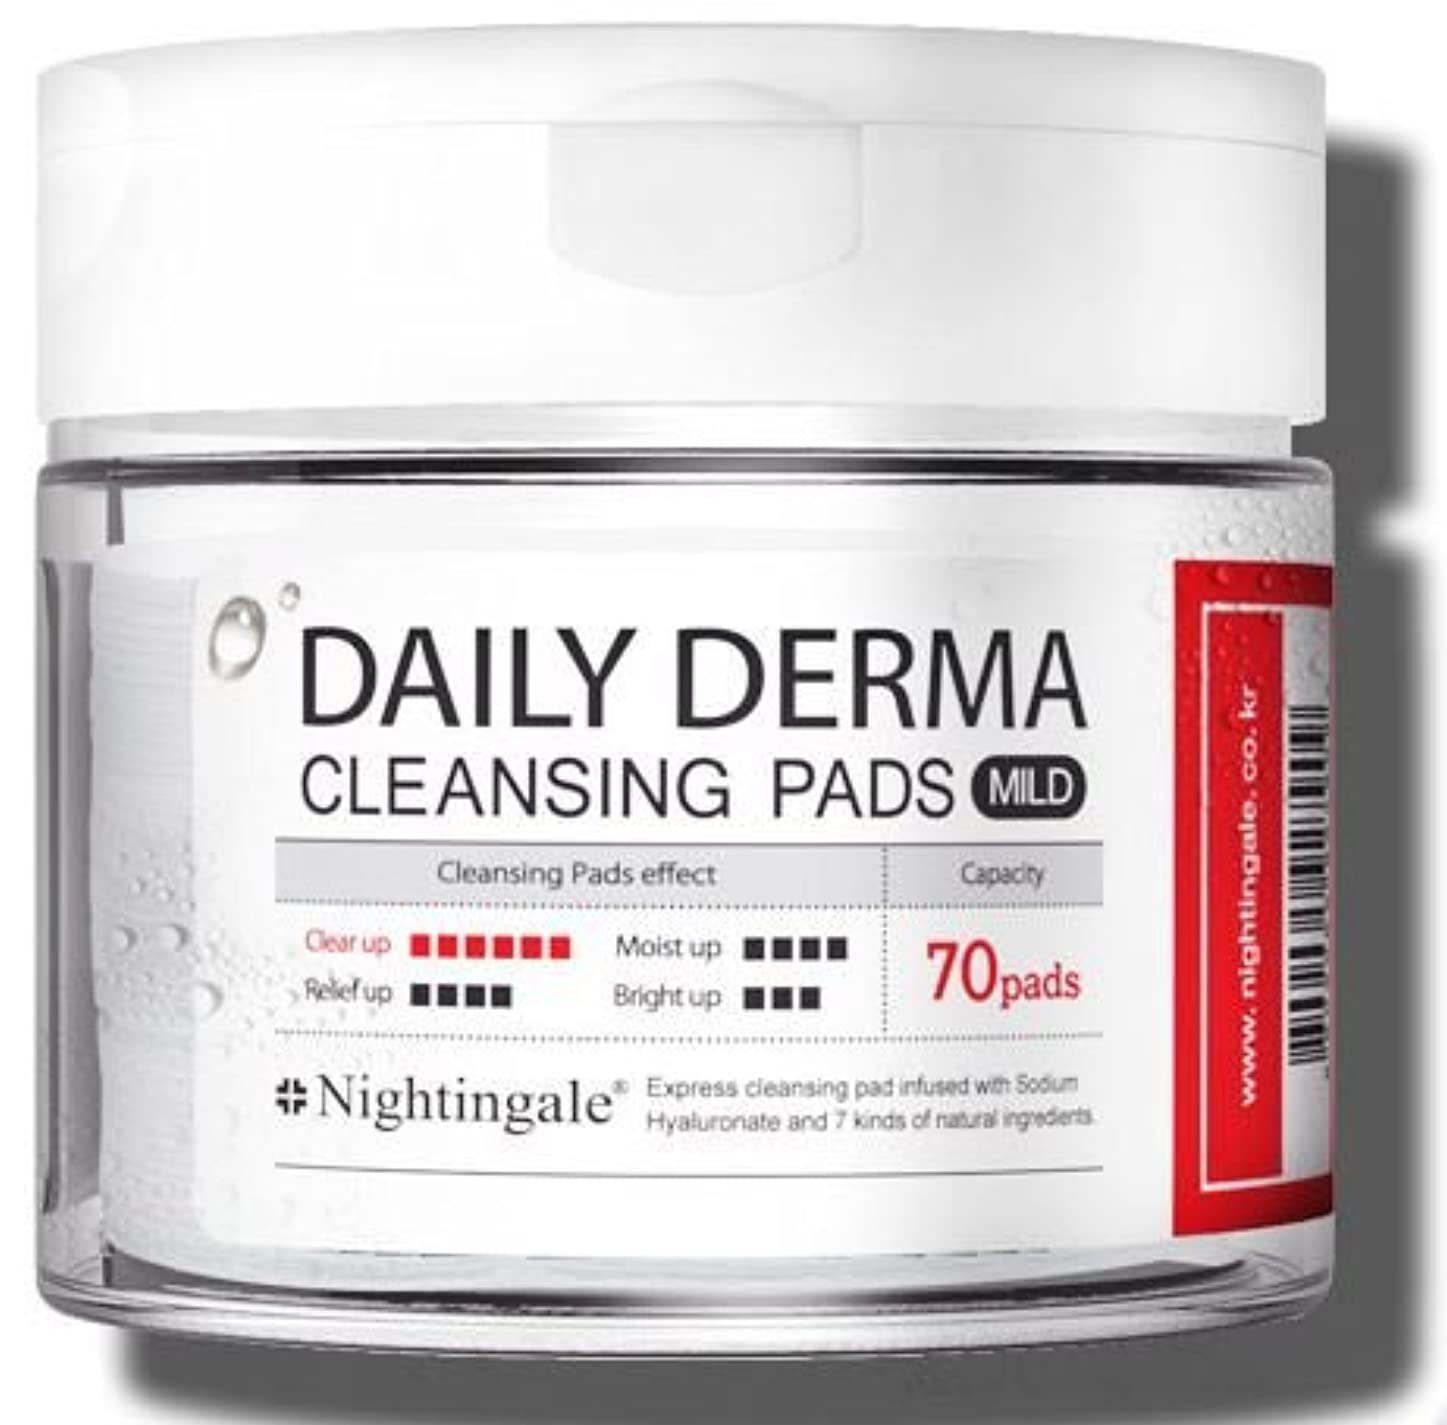 読みやすさ太鼓腹異常なNightingale Daily Derma Cleansing Pads * Mild * 70pads/ナイチンゲール デイリー ダーマ クレンジング パッド * マイルド * 70枚入り [並行輸入品]